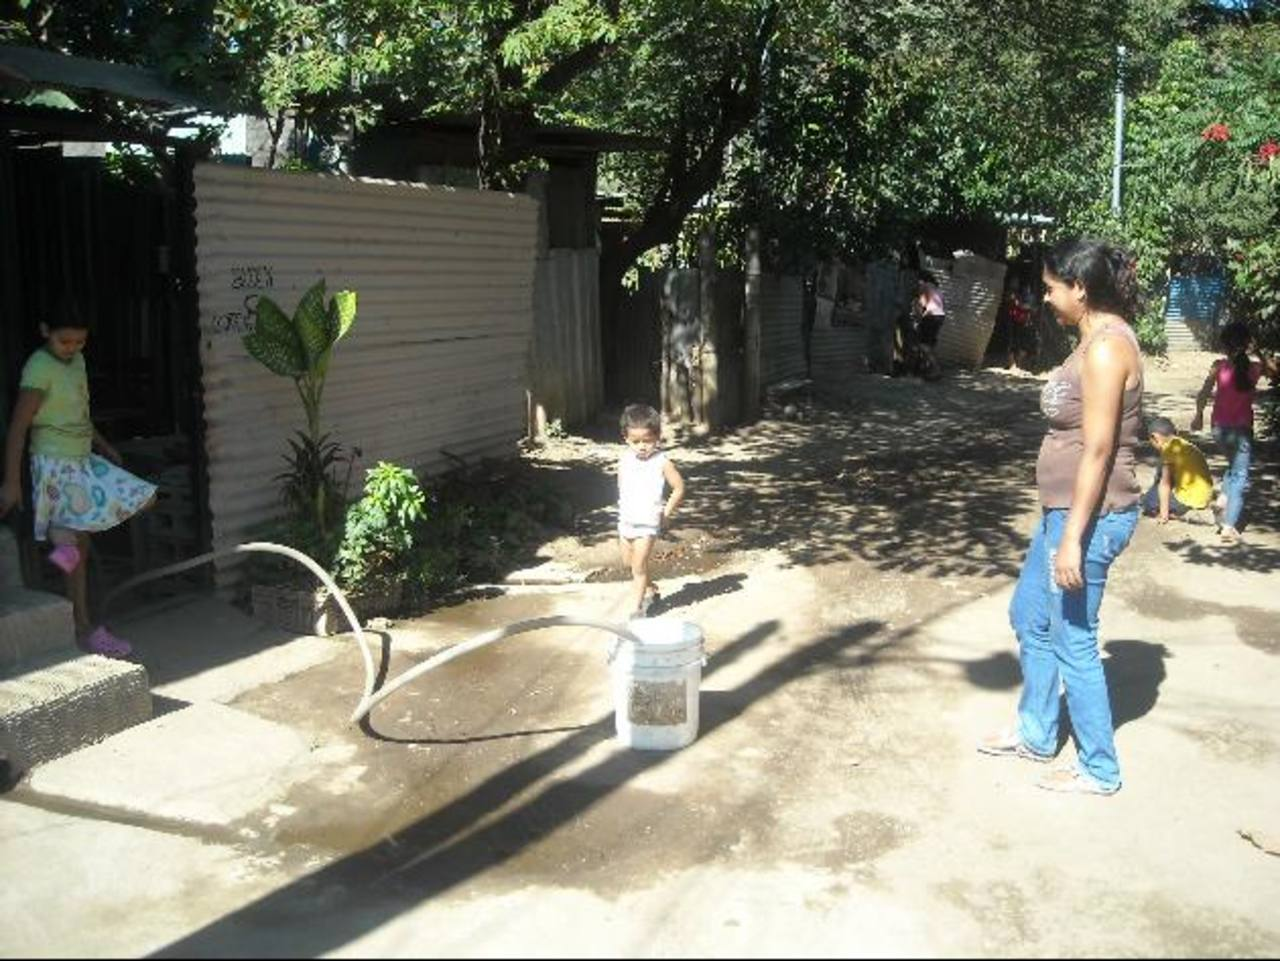 Compran el agua para consumo a un camión cisterna y esperan el servicio. Foto EDH / Milton JacoEsta comunidad se encuentra en un terreno estatal. La comuna expresa que por ello no les apoyan. Foto EDH / Milton Jaco